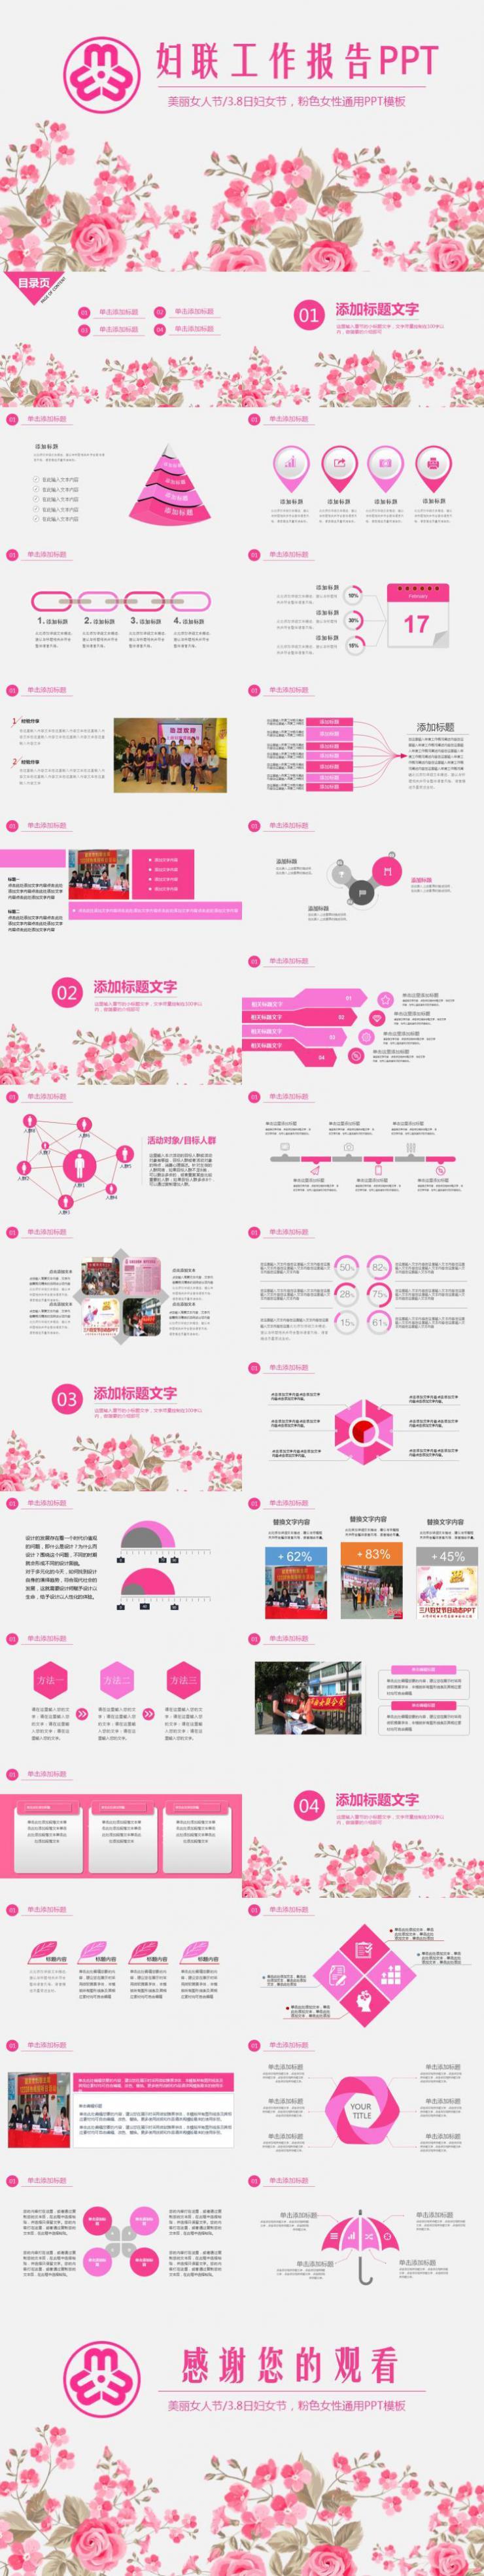 粉色妇幼妇联年度工作报告动态PPT模板